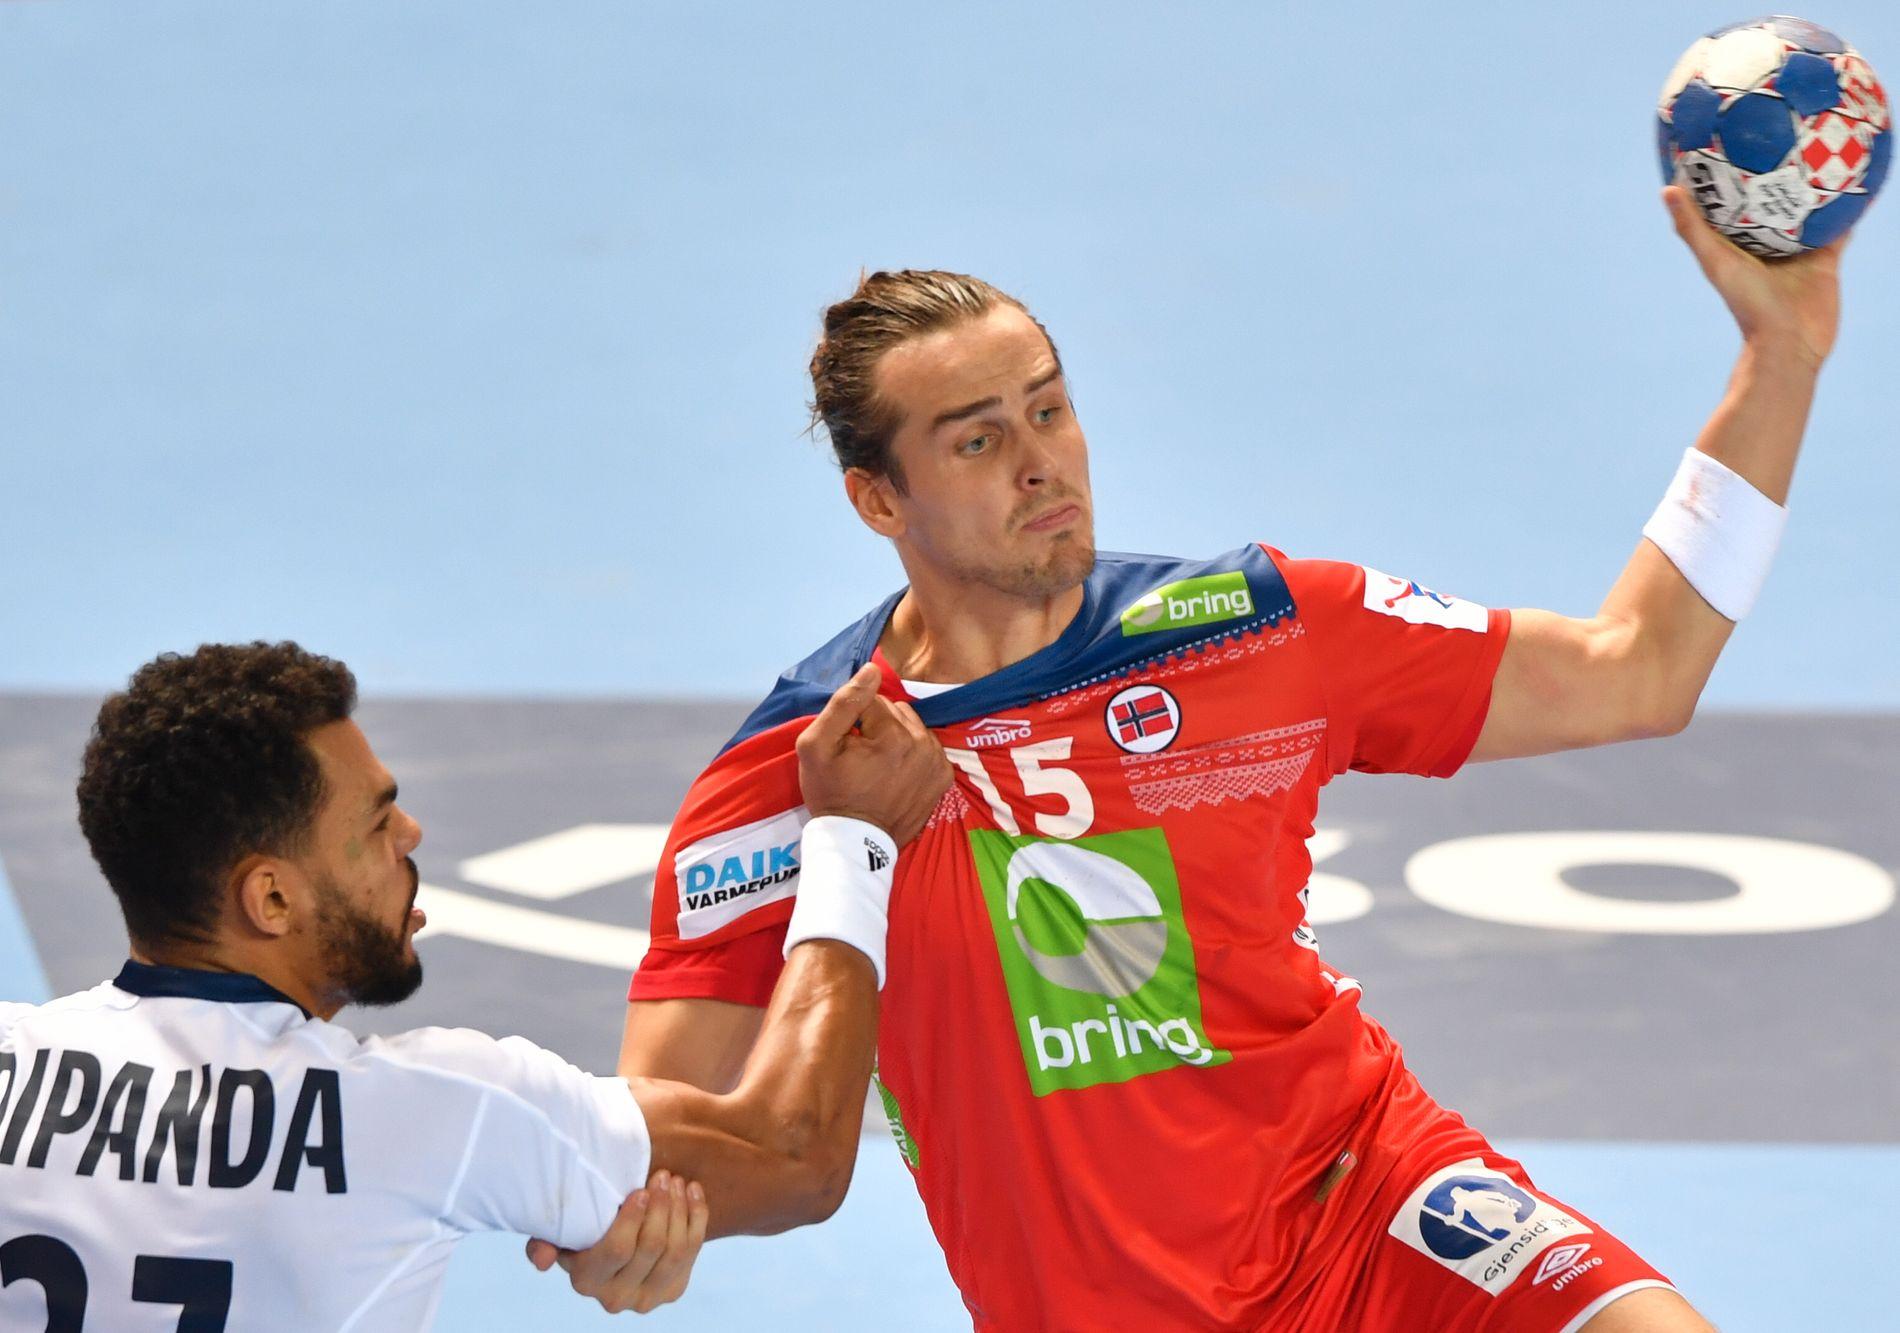 KJEMPESTART: Kent Robin Tønnesen startet EM med fem mål på fem skudd i 1. omgang mot Adrien Dipanda og Frankrike.